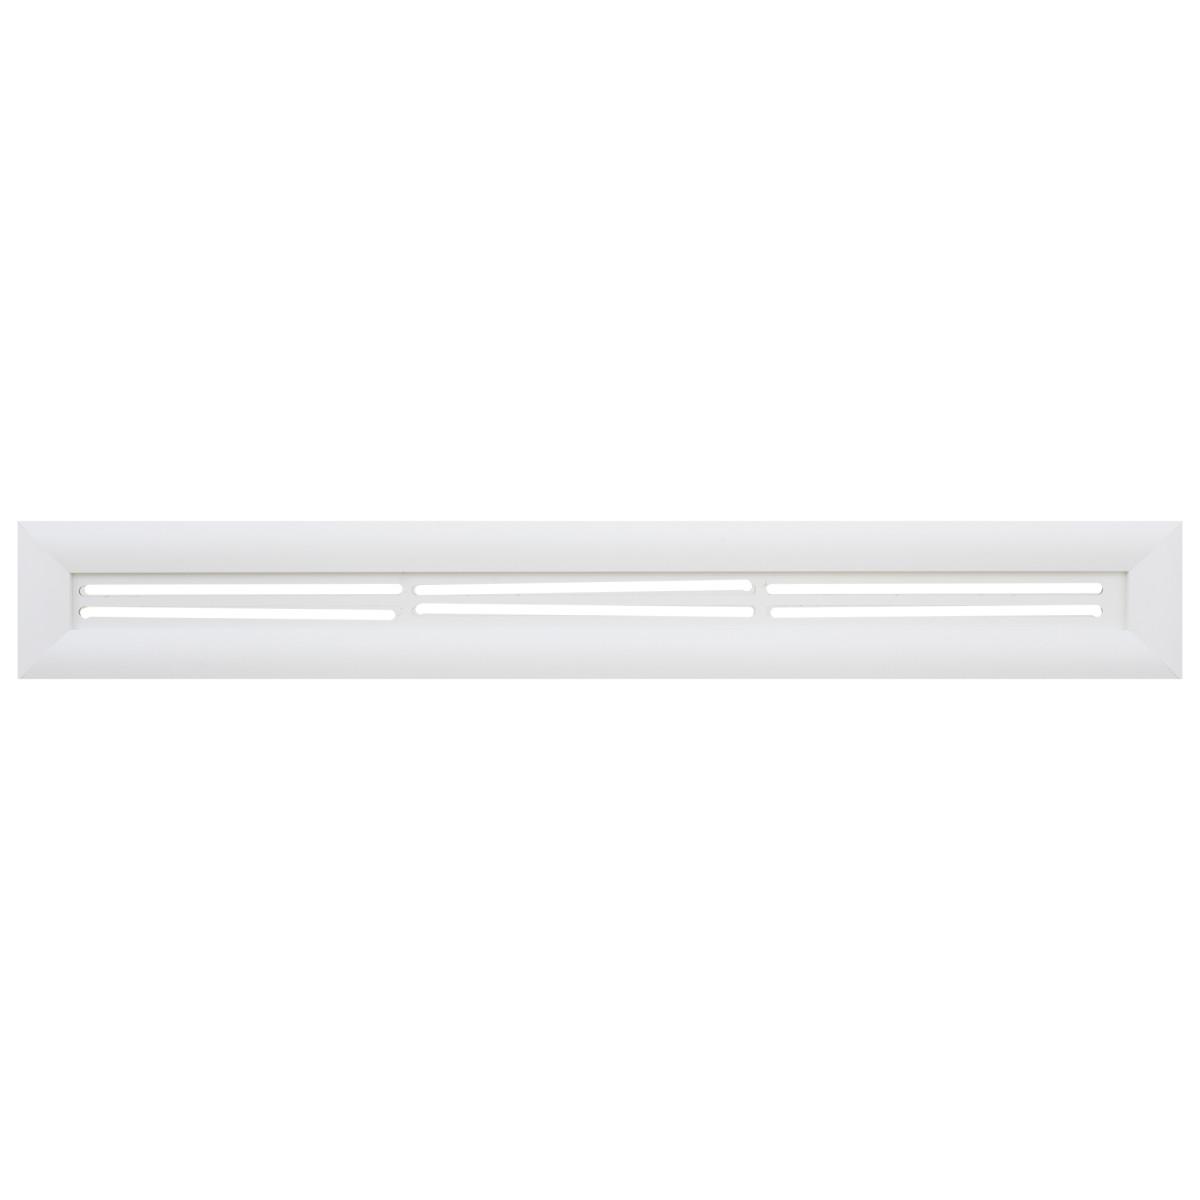 Крышка для экрана универсальная 120 см цвет белый